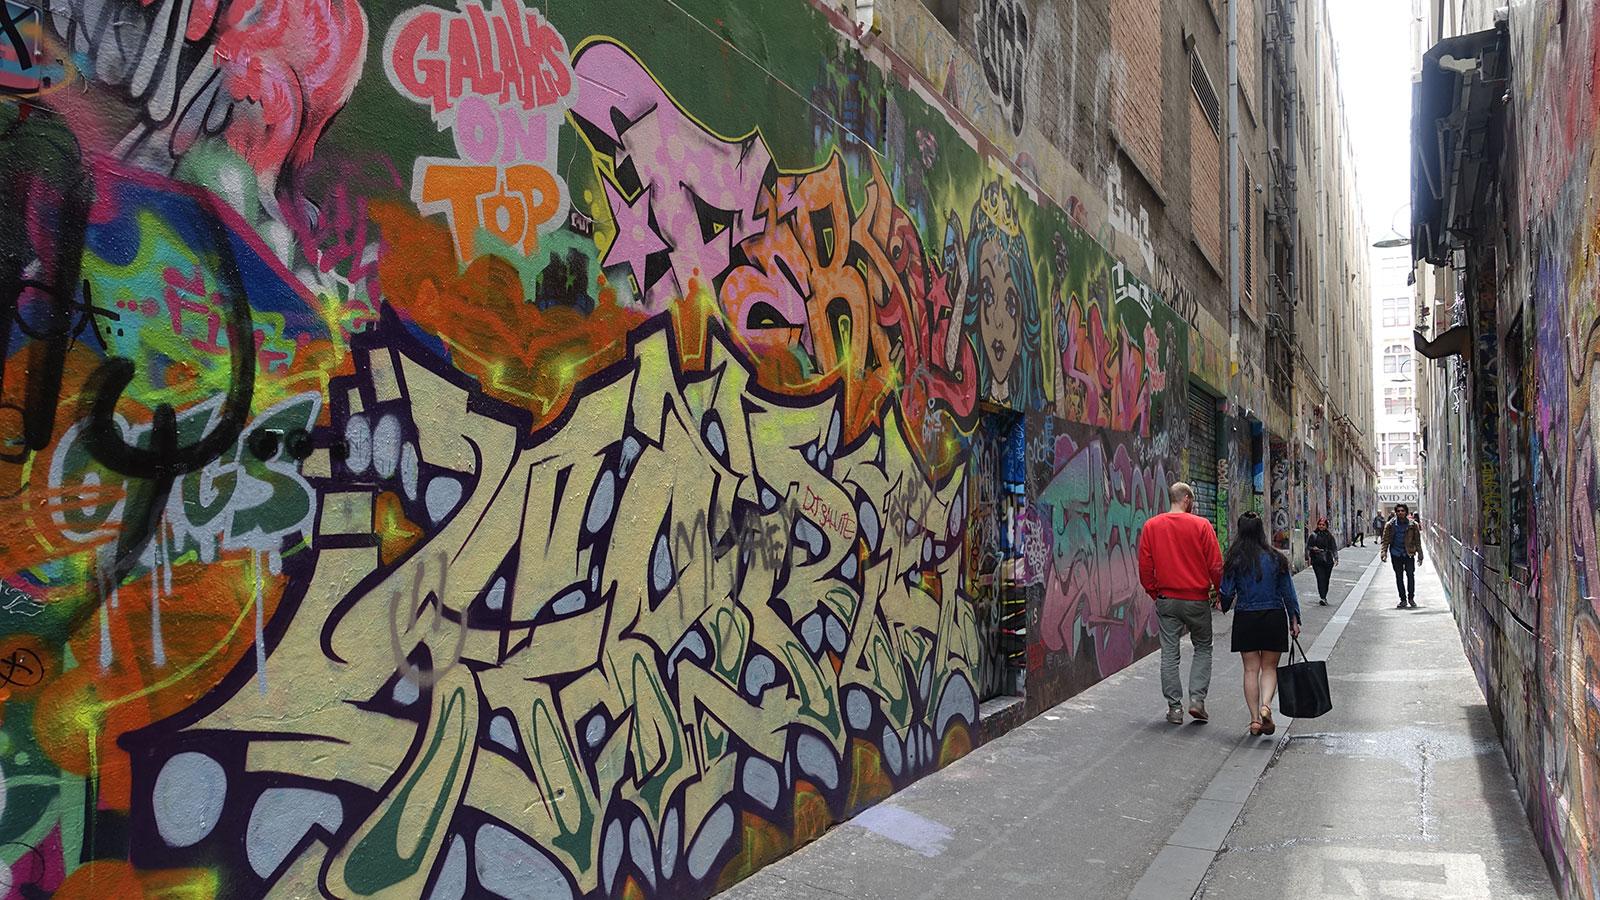 Union Lane, Melbourne, Victoria, Australia